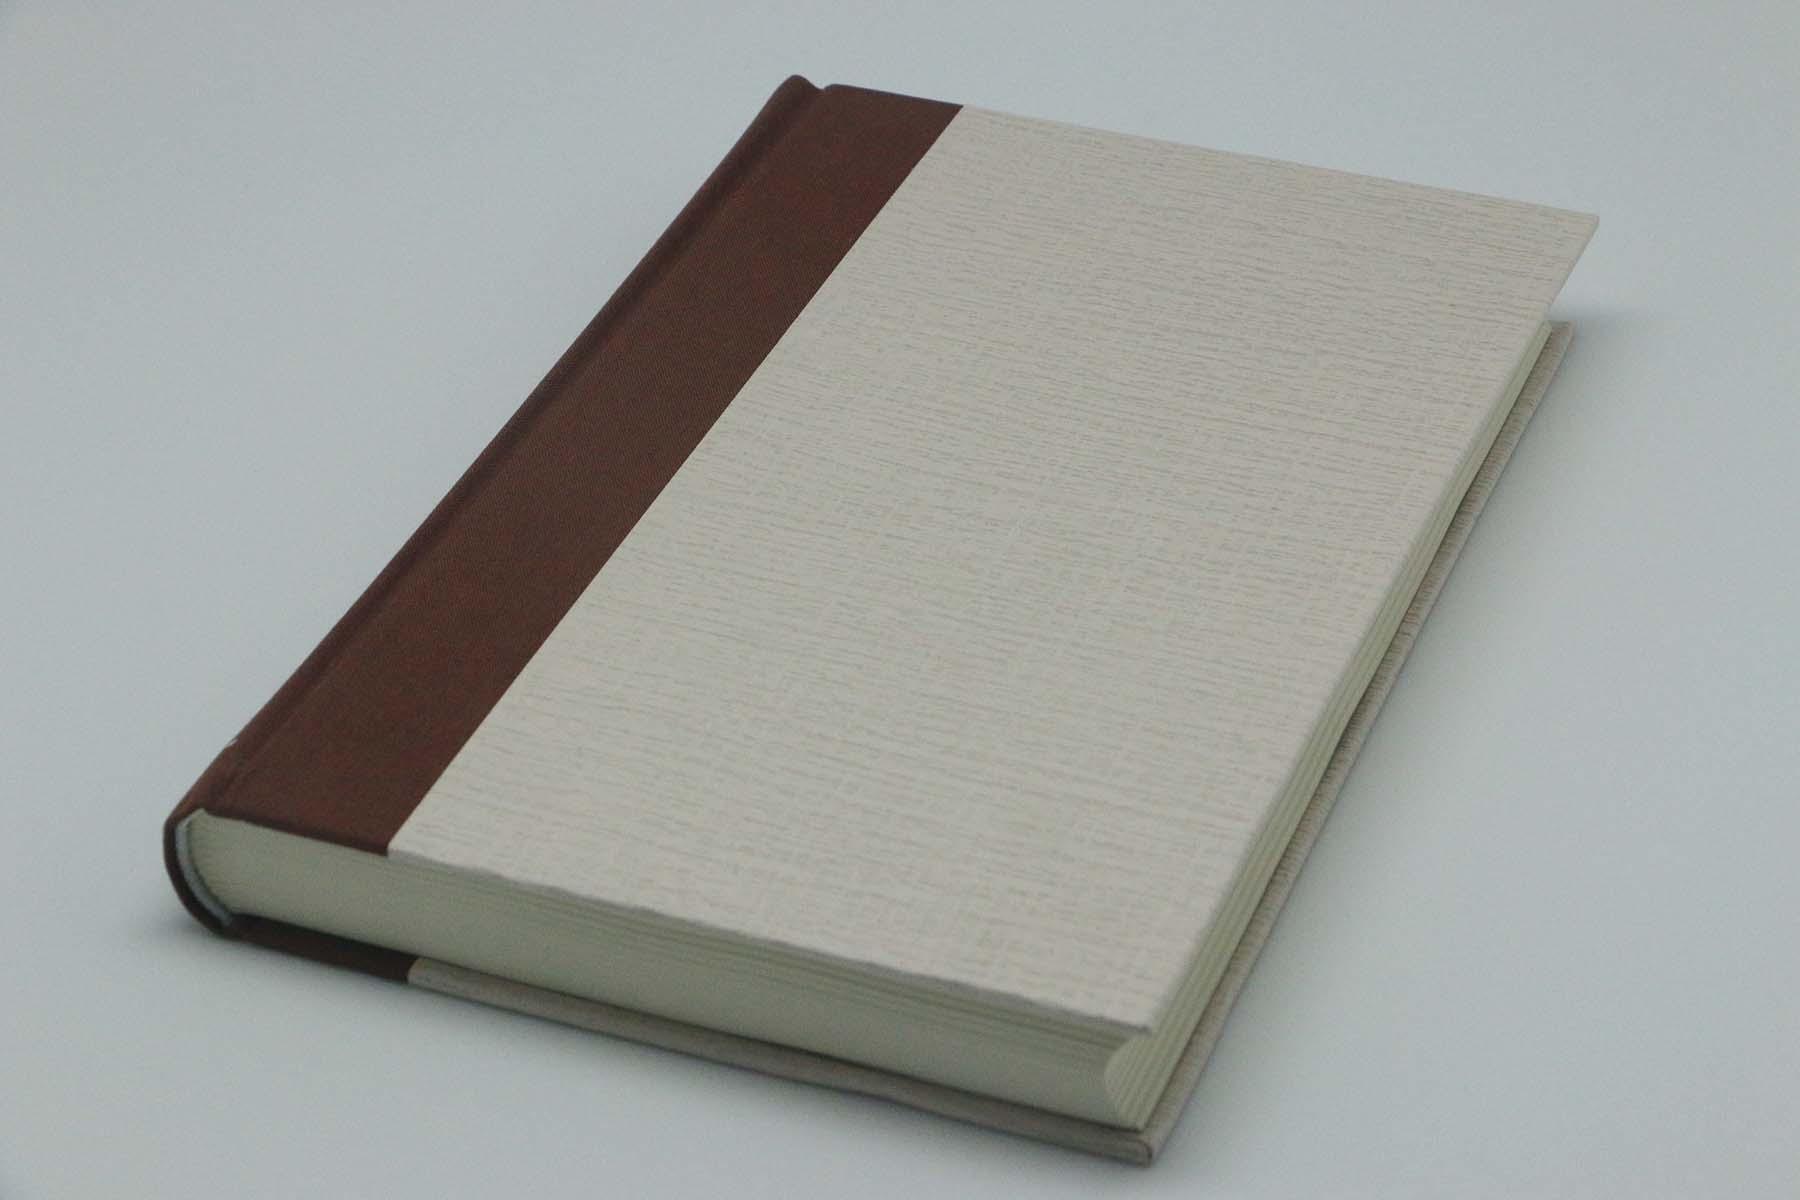 广州印刷包装公司画册 广州高新画册设计印刷